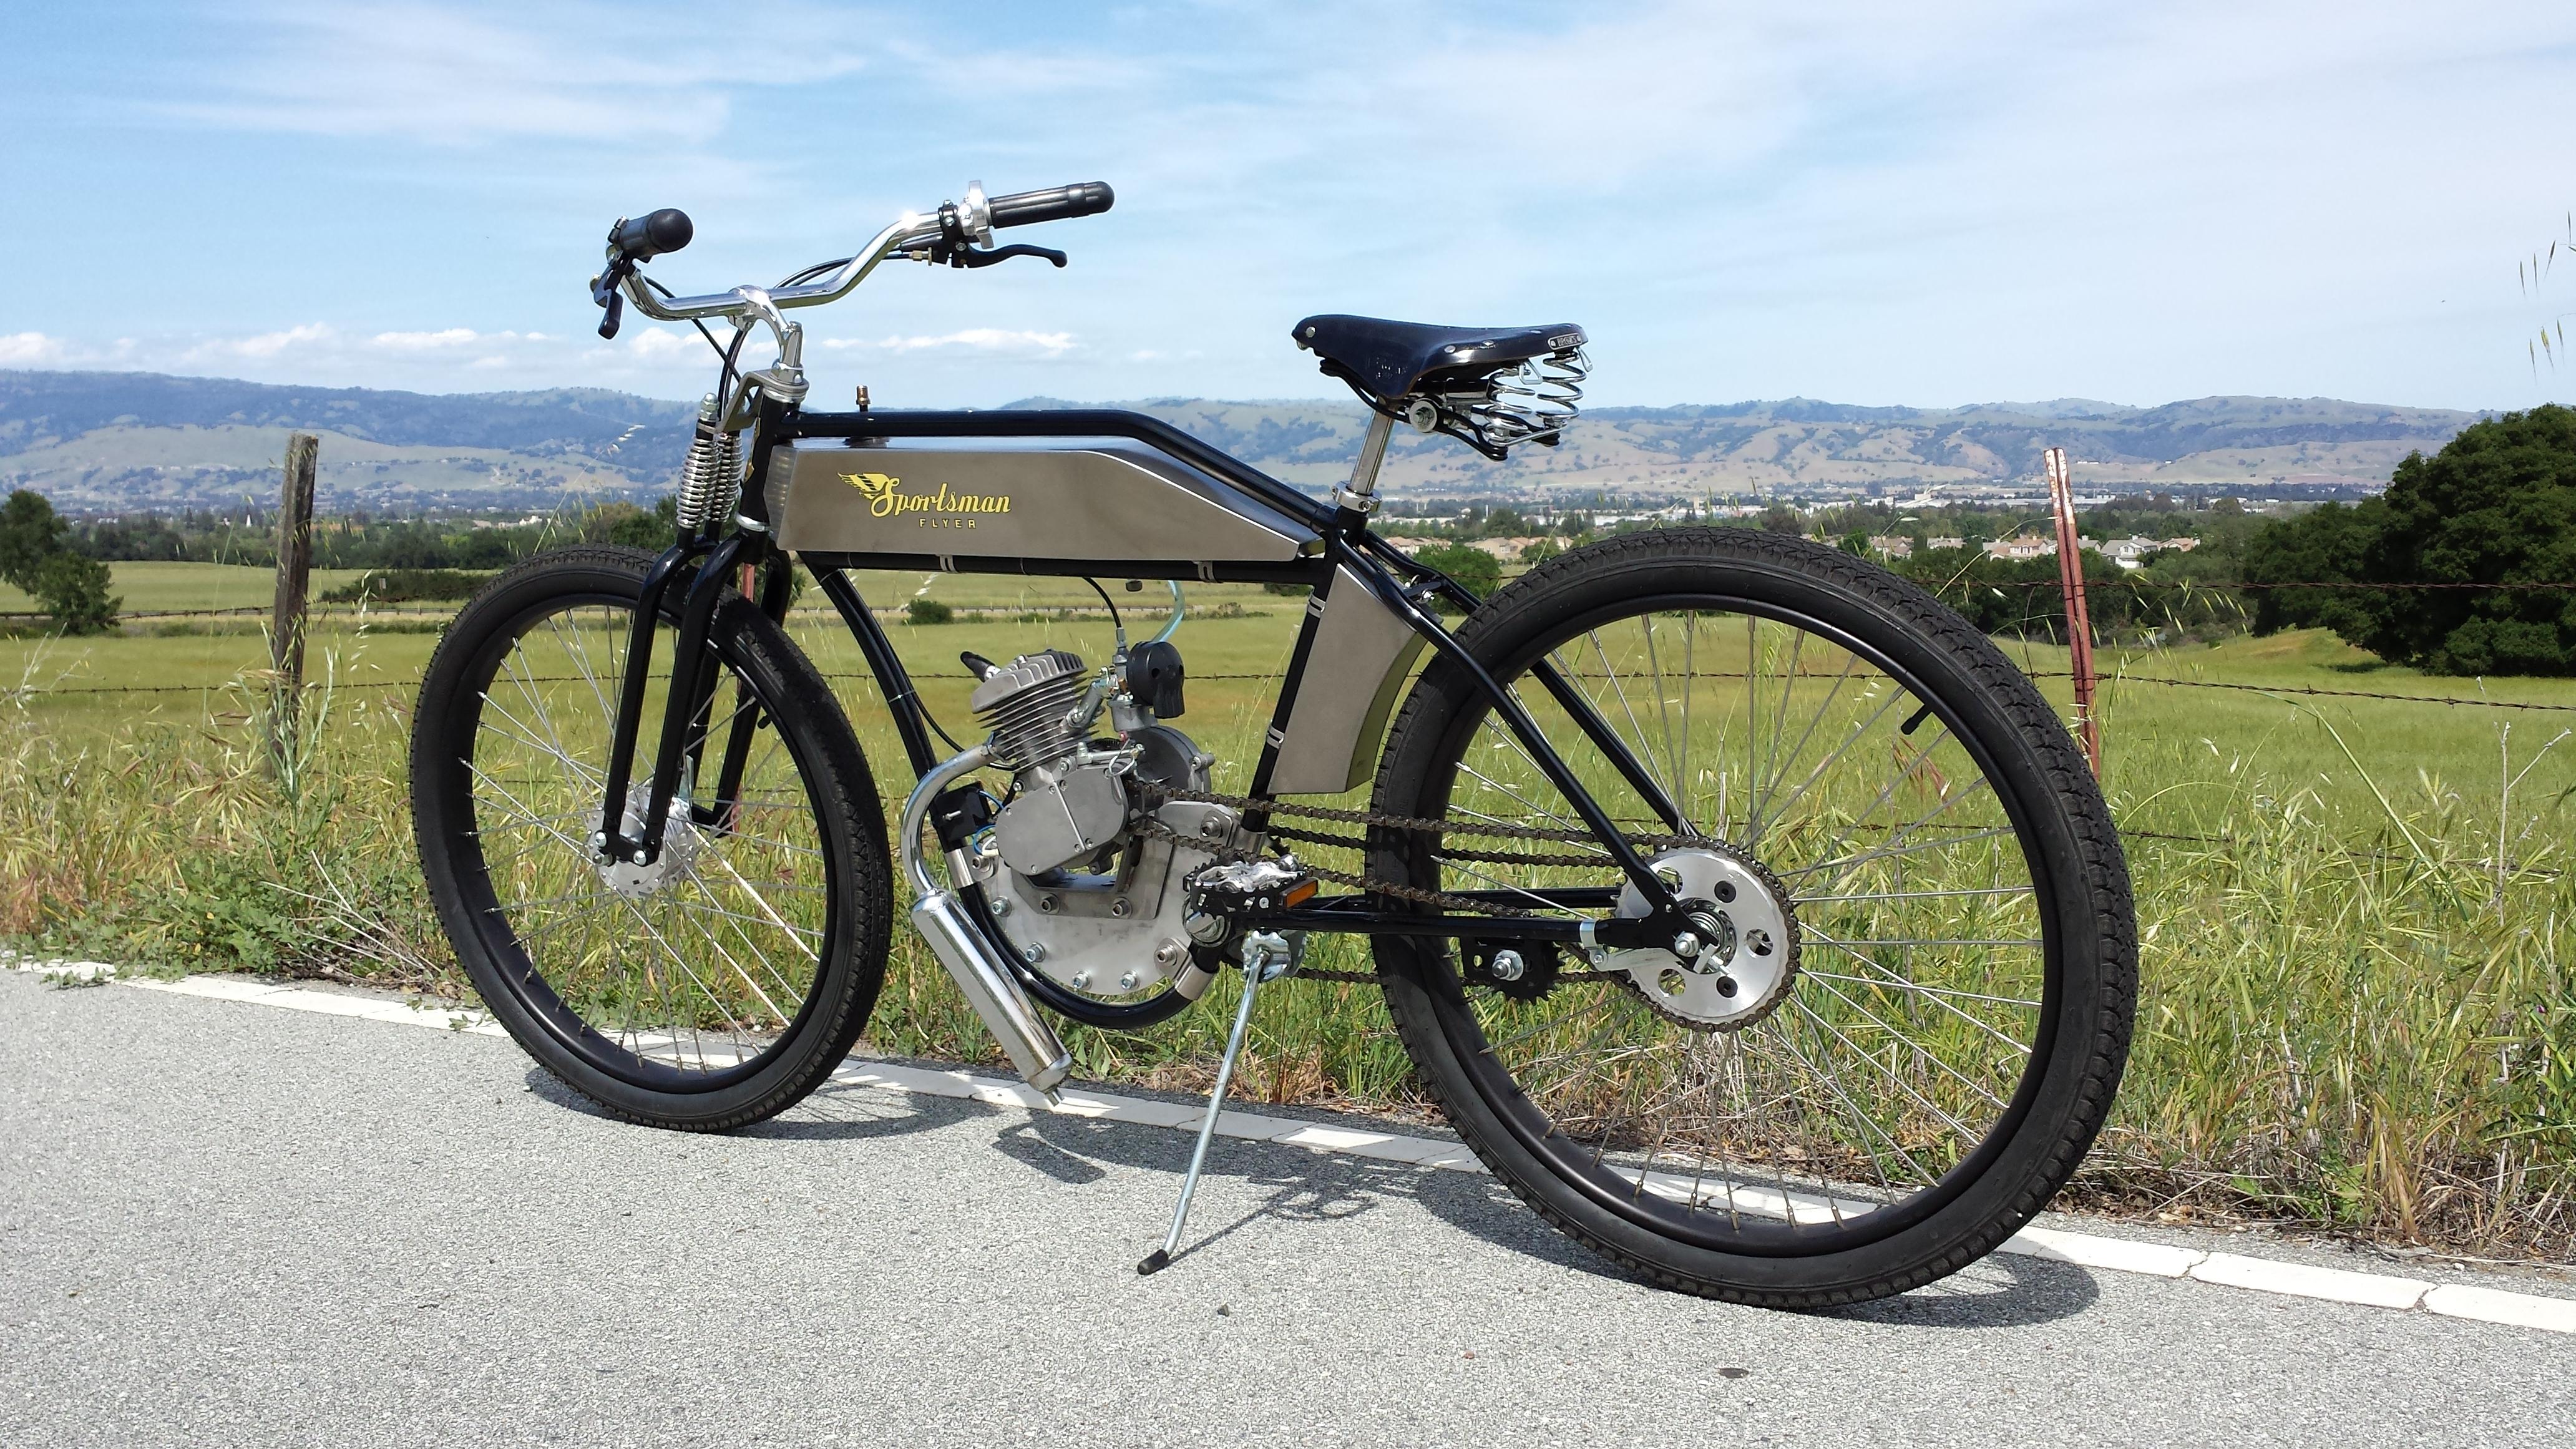 Sportsman Flyeron Two Stroke Bicycle Engine Kits